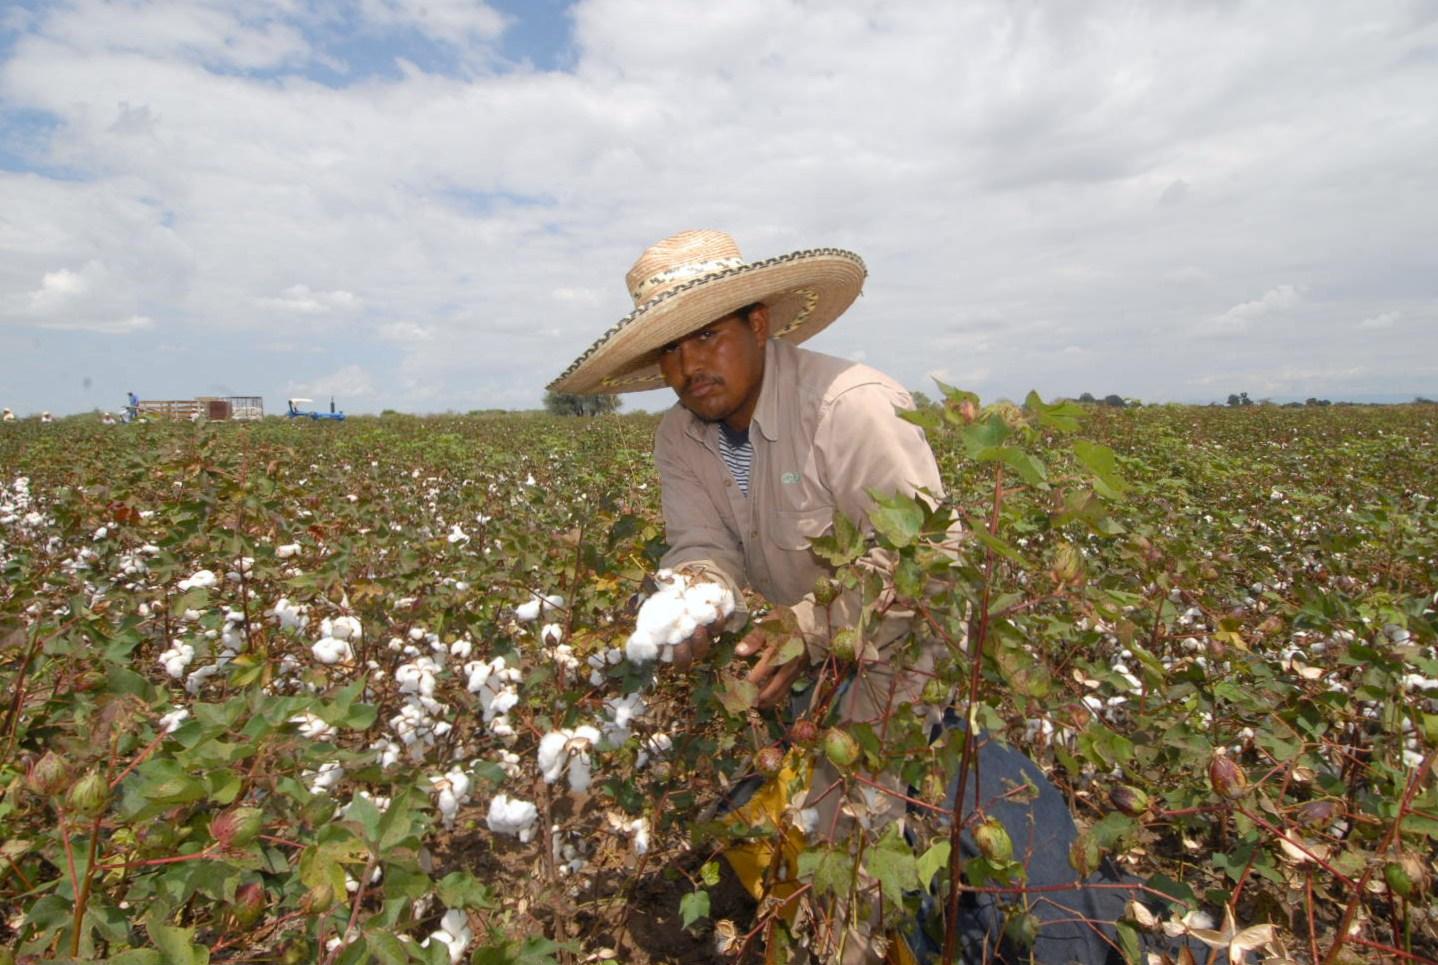 Los agricultores no ven rentabilidad porque el costo de producción del cultivo es muy elevado y tienen muy pocos incentivos. Foto: RPP